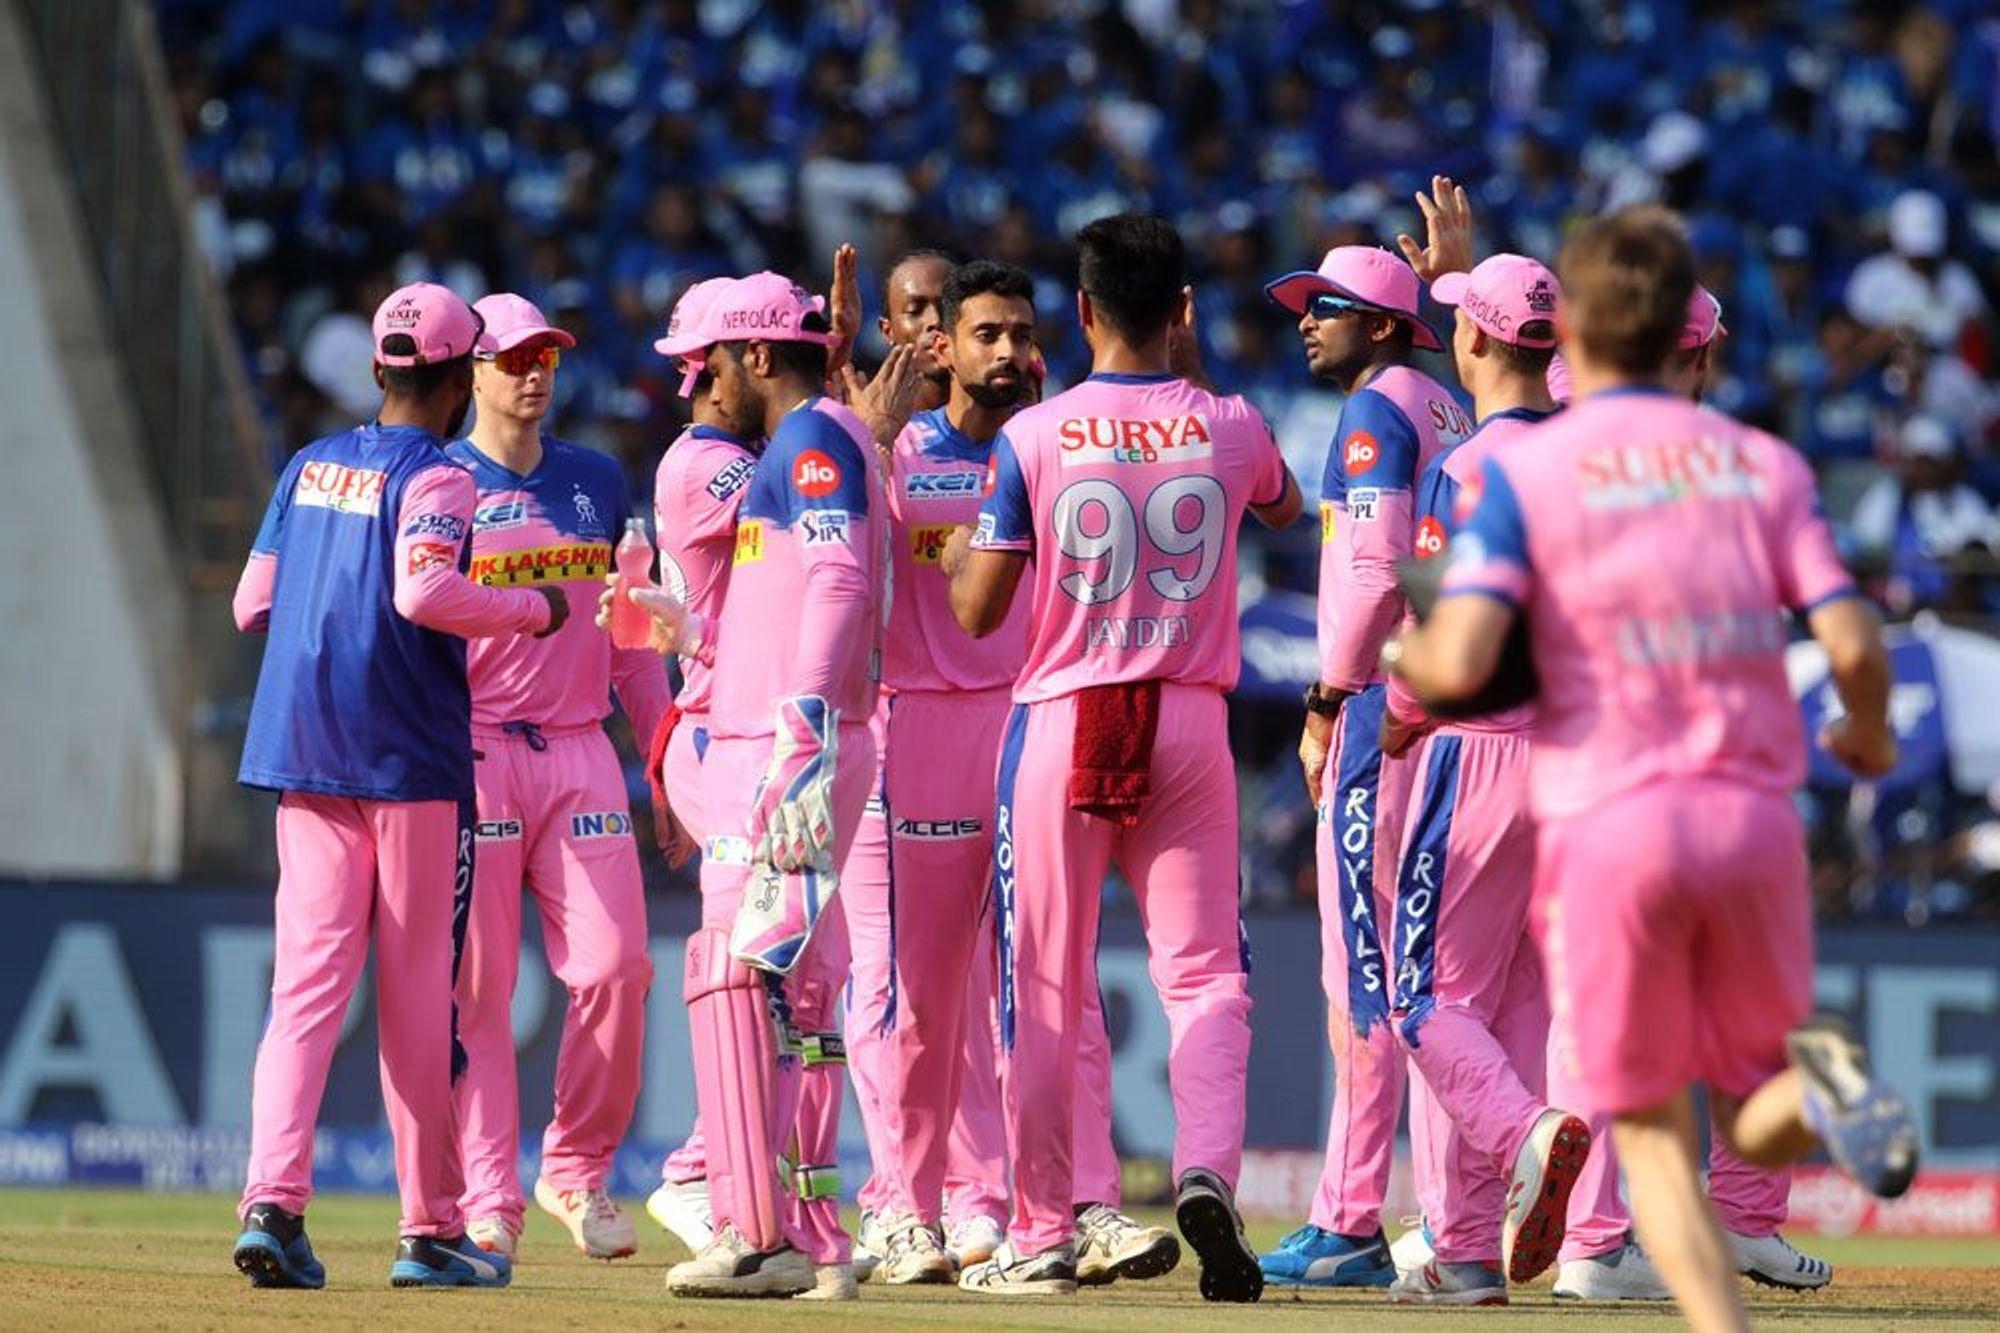 RRvsSRH: सनराइजर्स हैदराबाद के खिलाफ इन 4 बड़े बदलावों के साथ उतर सकती हैं राजस्थान रॉयल्स 45